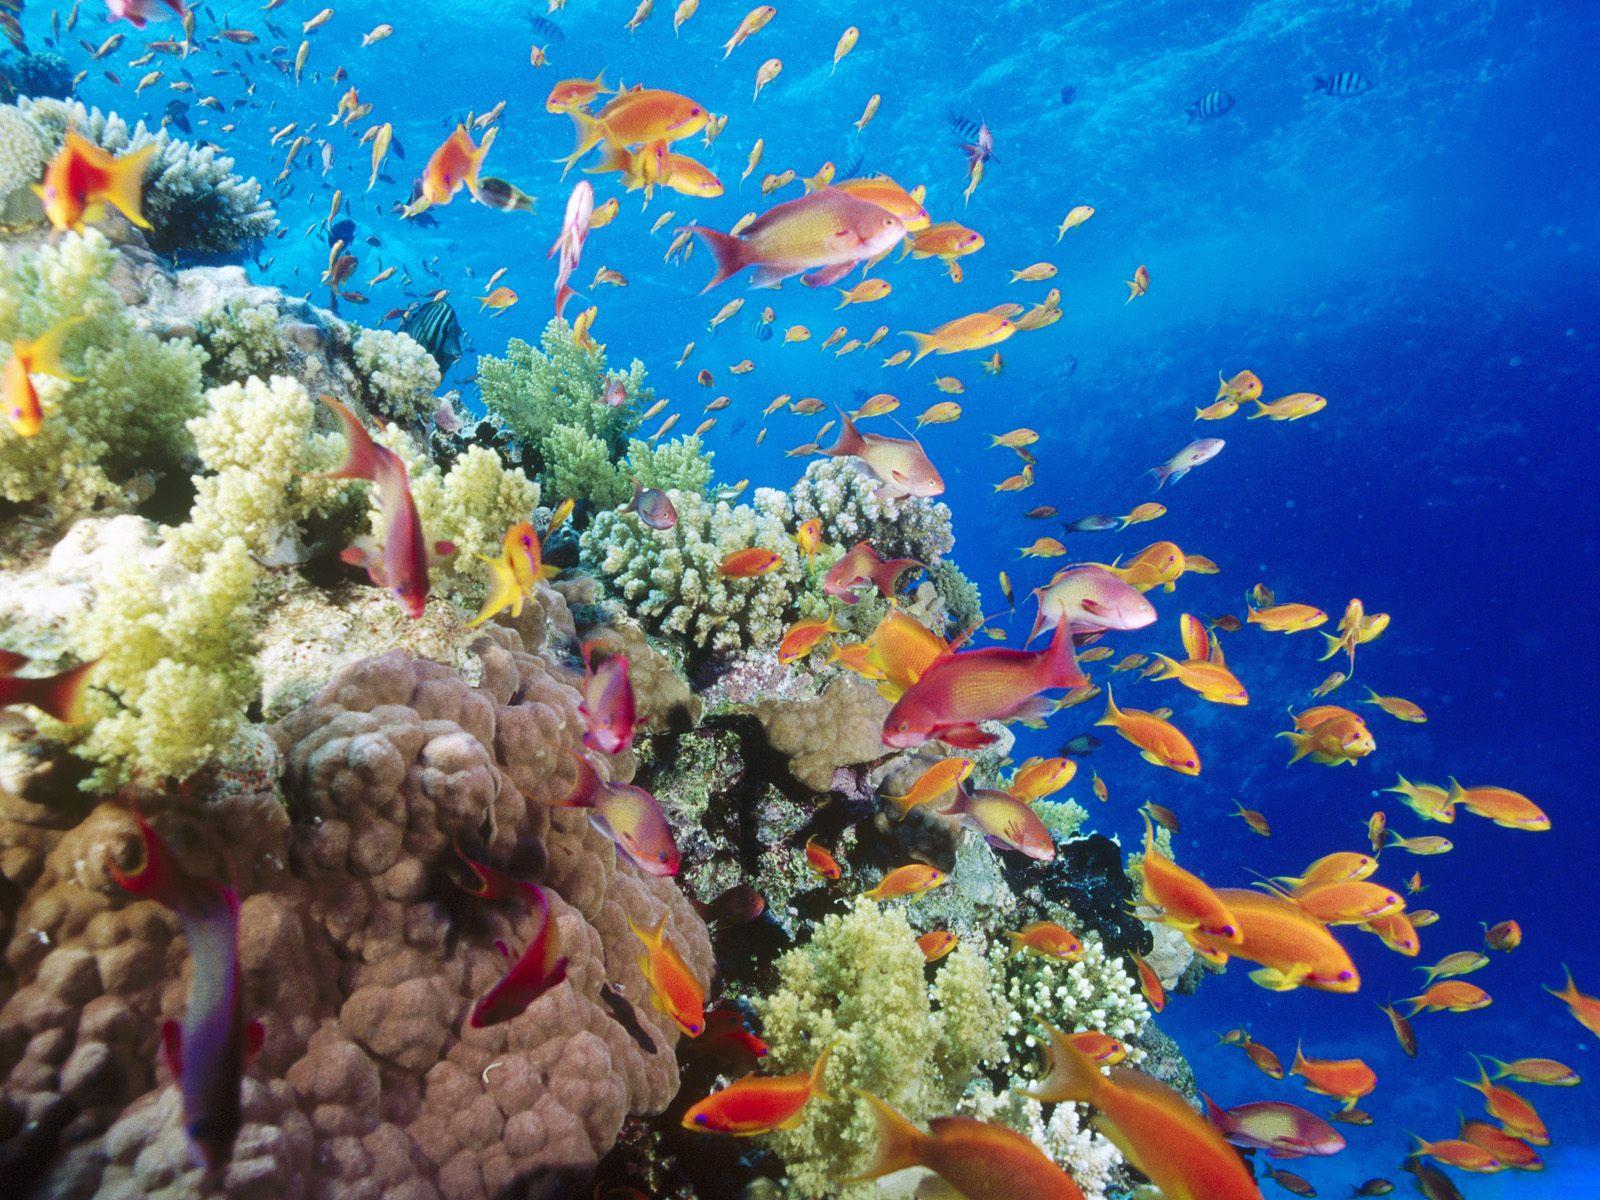 gambar ikan - gambar ikan hias